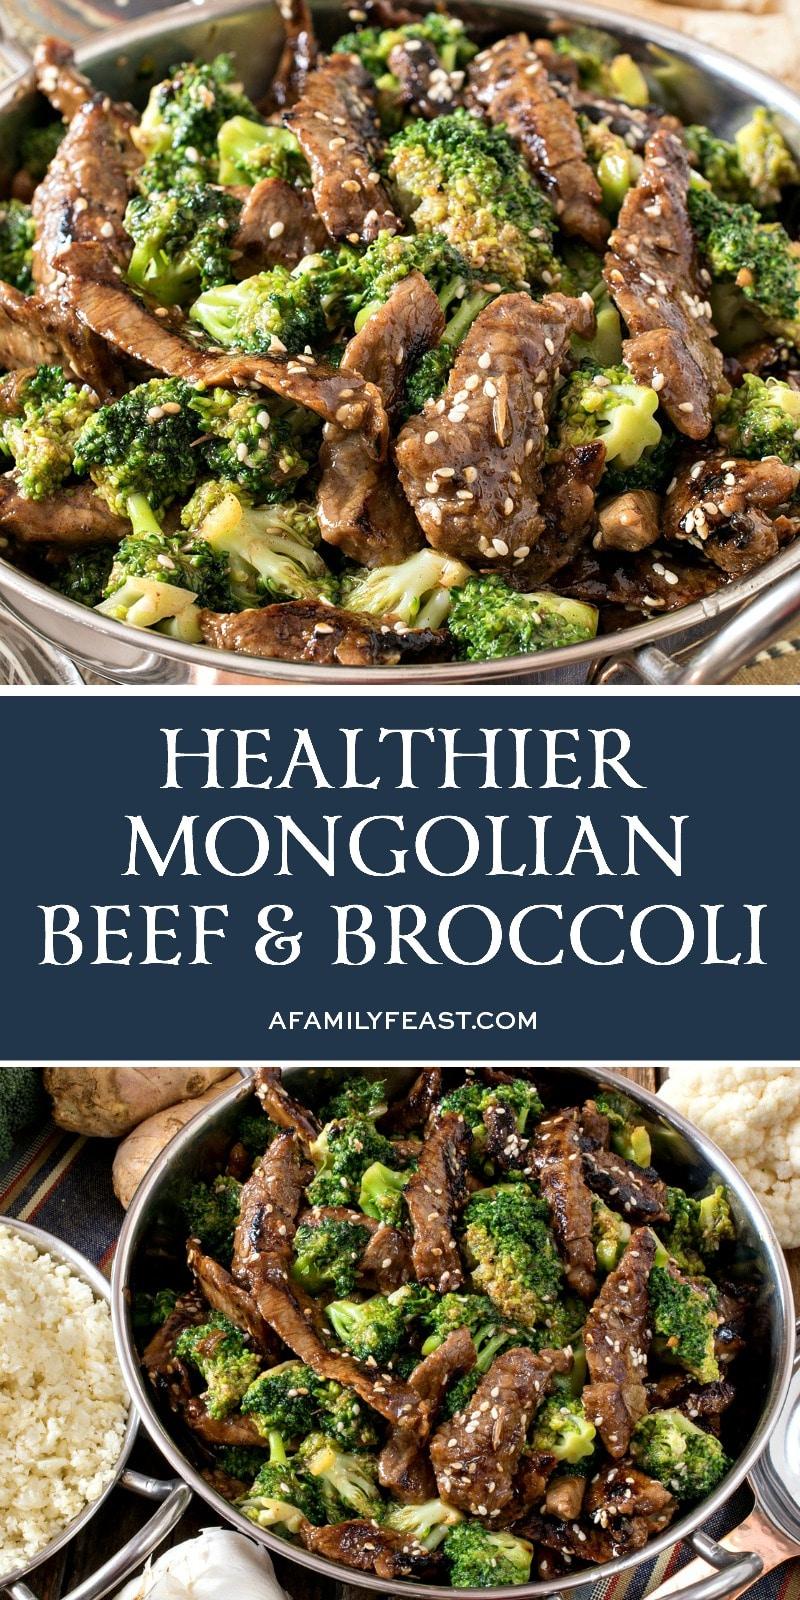 Healthier Mongolian Beef and Broccoli